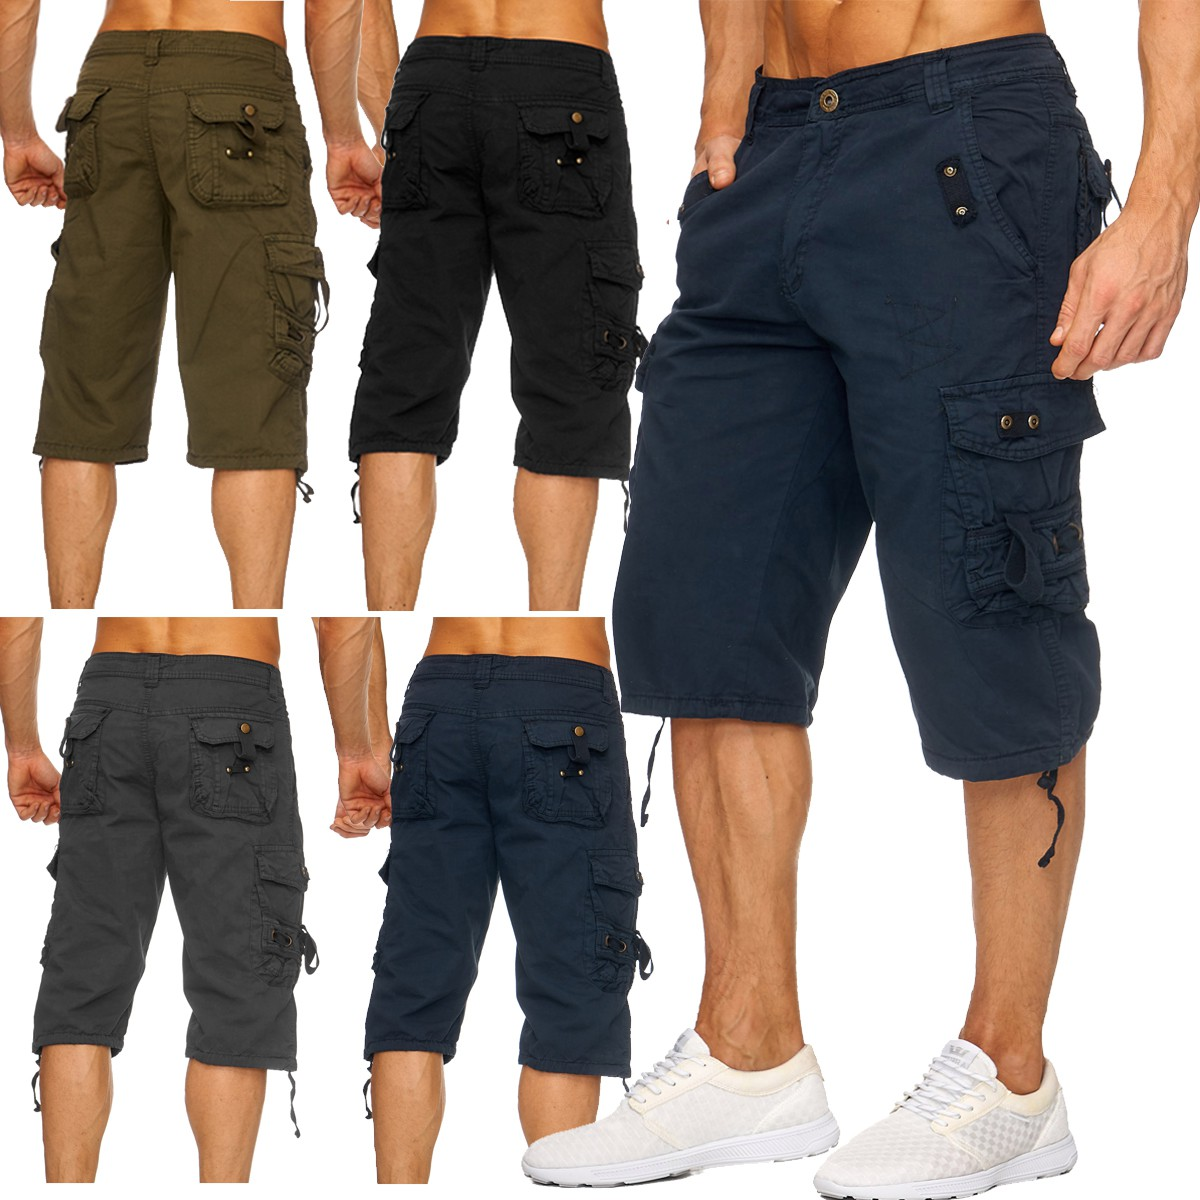 Herren Cargo Capri Shorts Sommer Bermuda Kurze Hose Locker Lässig Taschen -  Nr 1803 0097539610